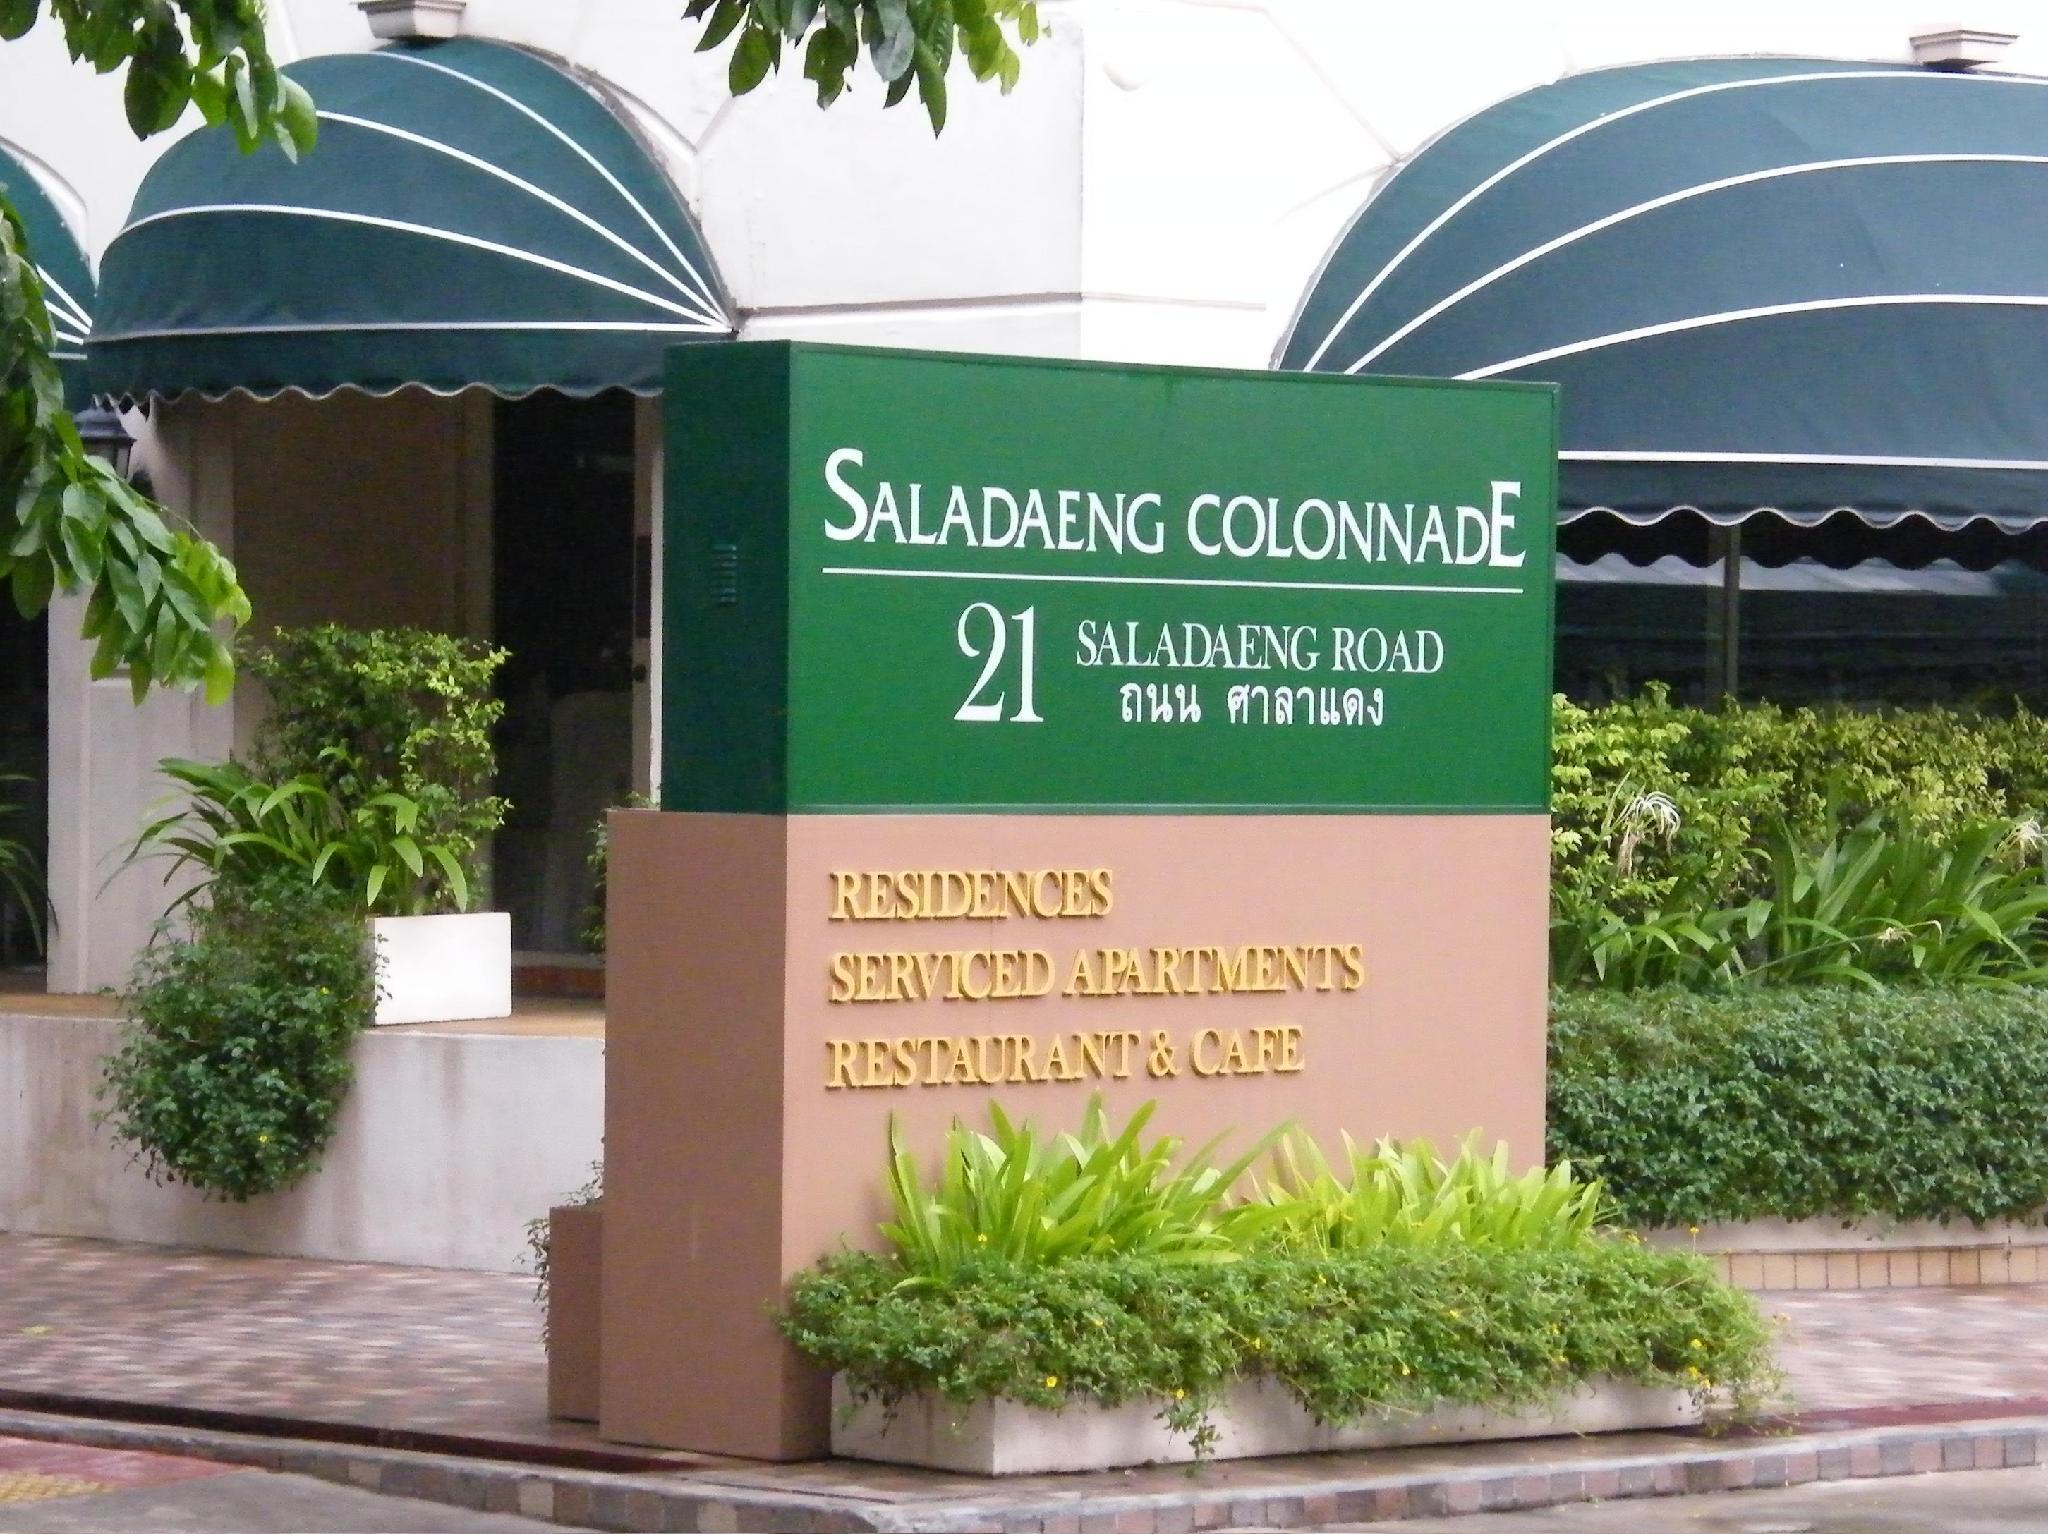 Saladaeng Colonnade